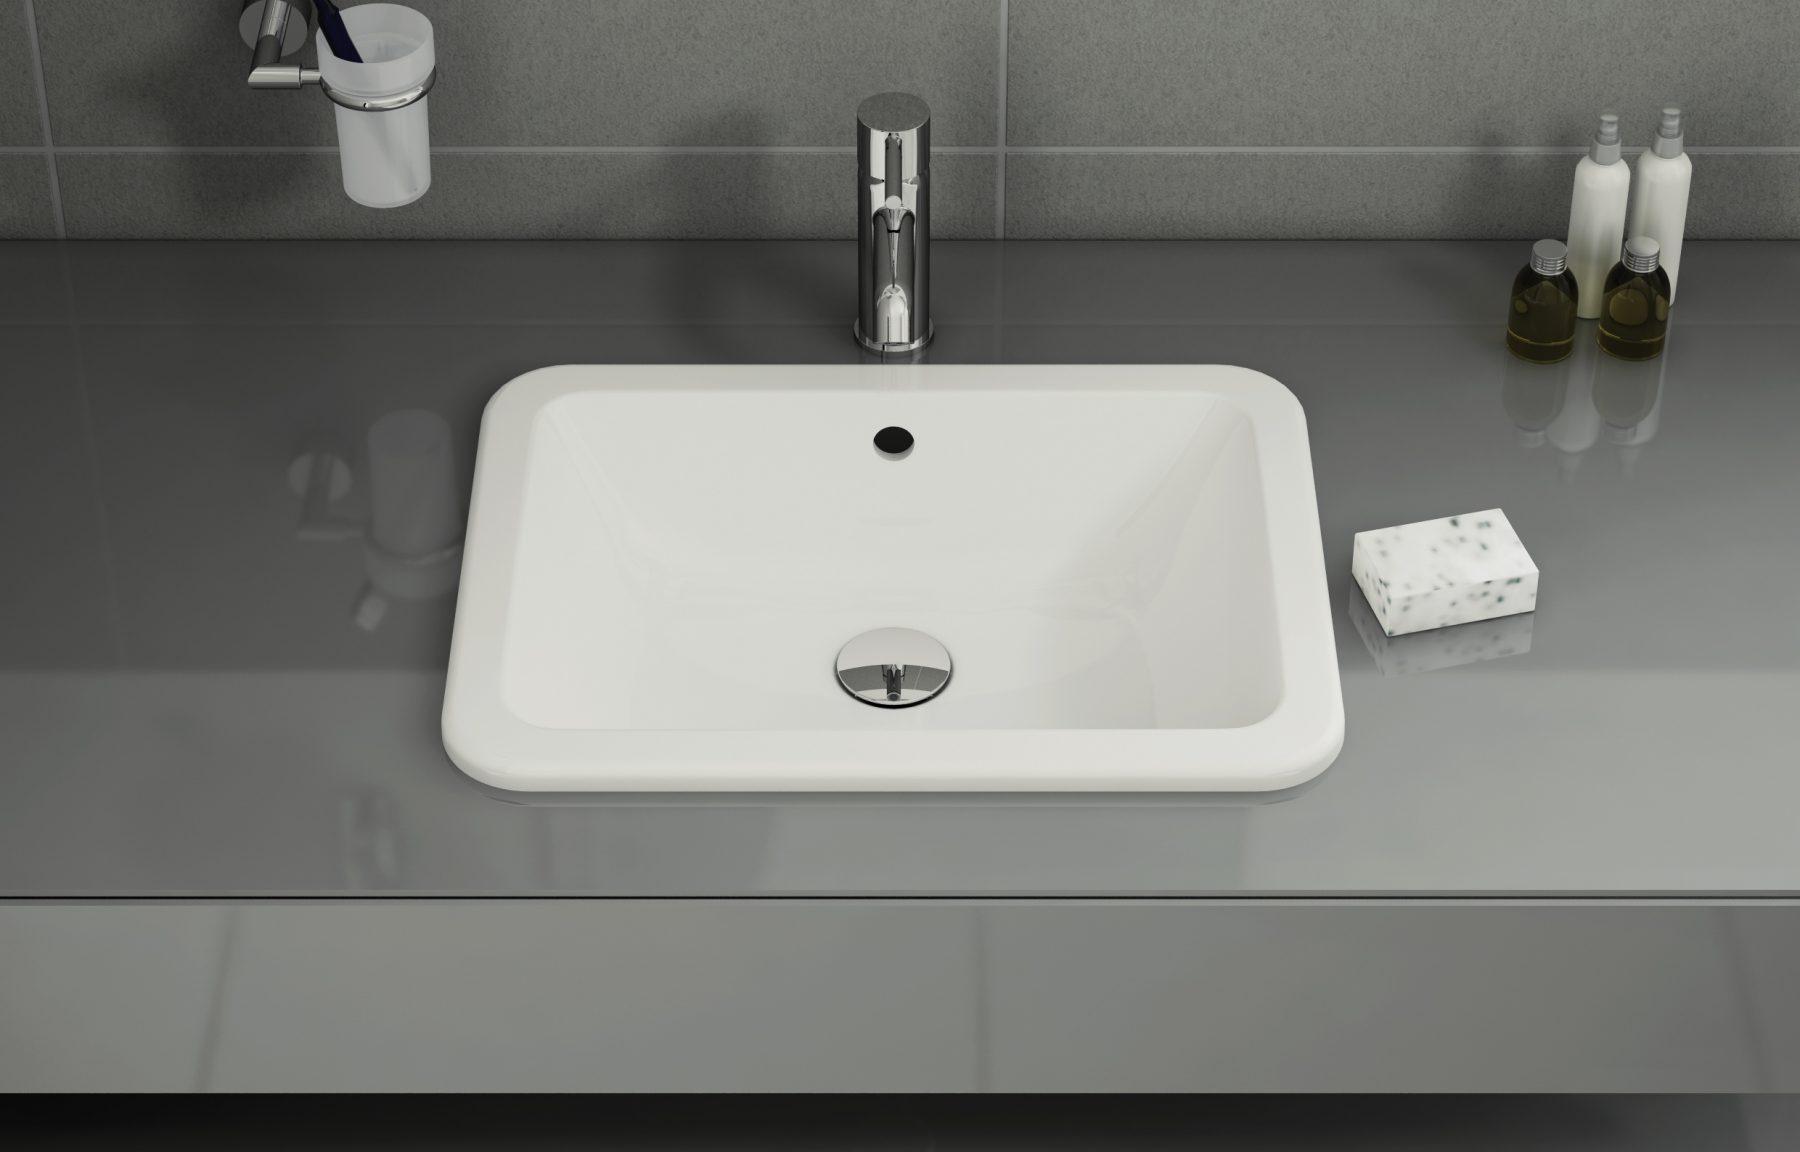 vasques encastrer par dessus fiche produit. Black Bedroom Furniture Sets. Home Design Ideas